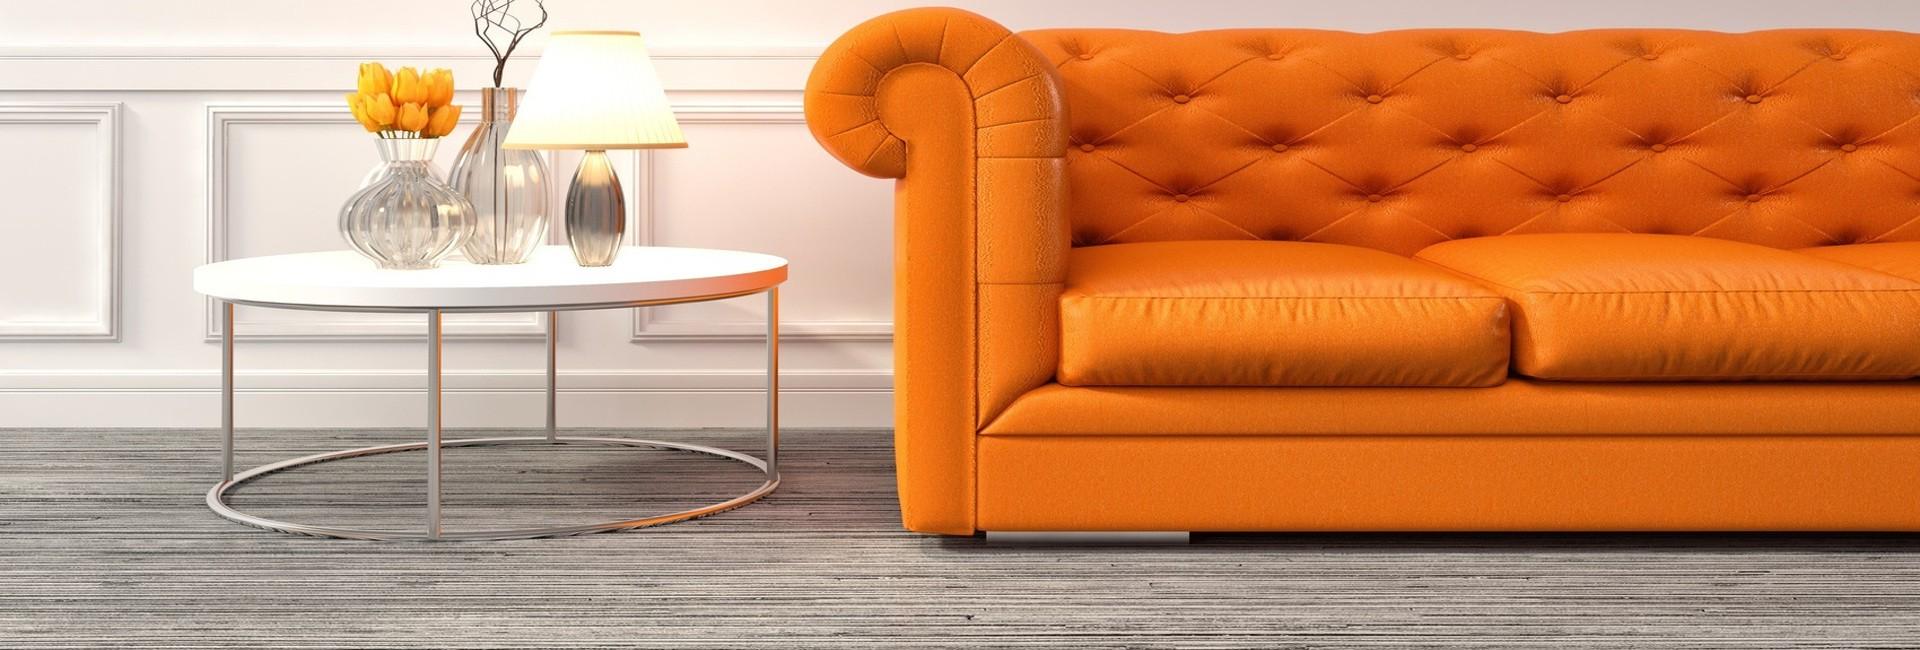 sofy, dywany, stoliki, narzuty, koce, poduszki...